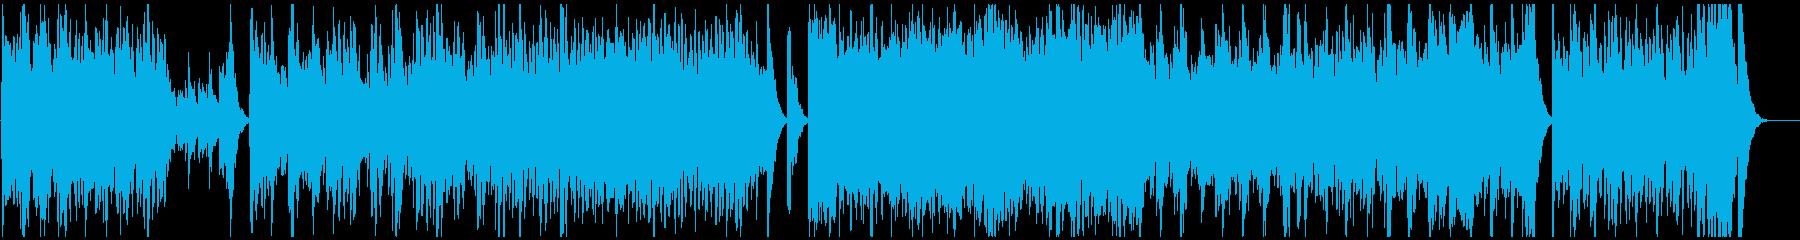 力強いフレージングで展開する弦楽曲の再生済みの波形